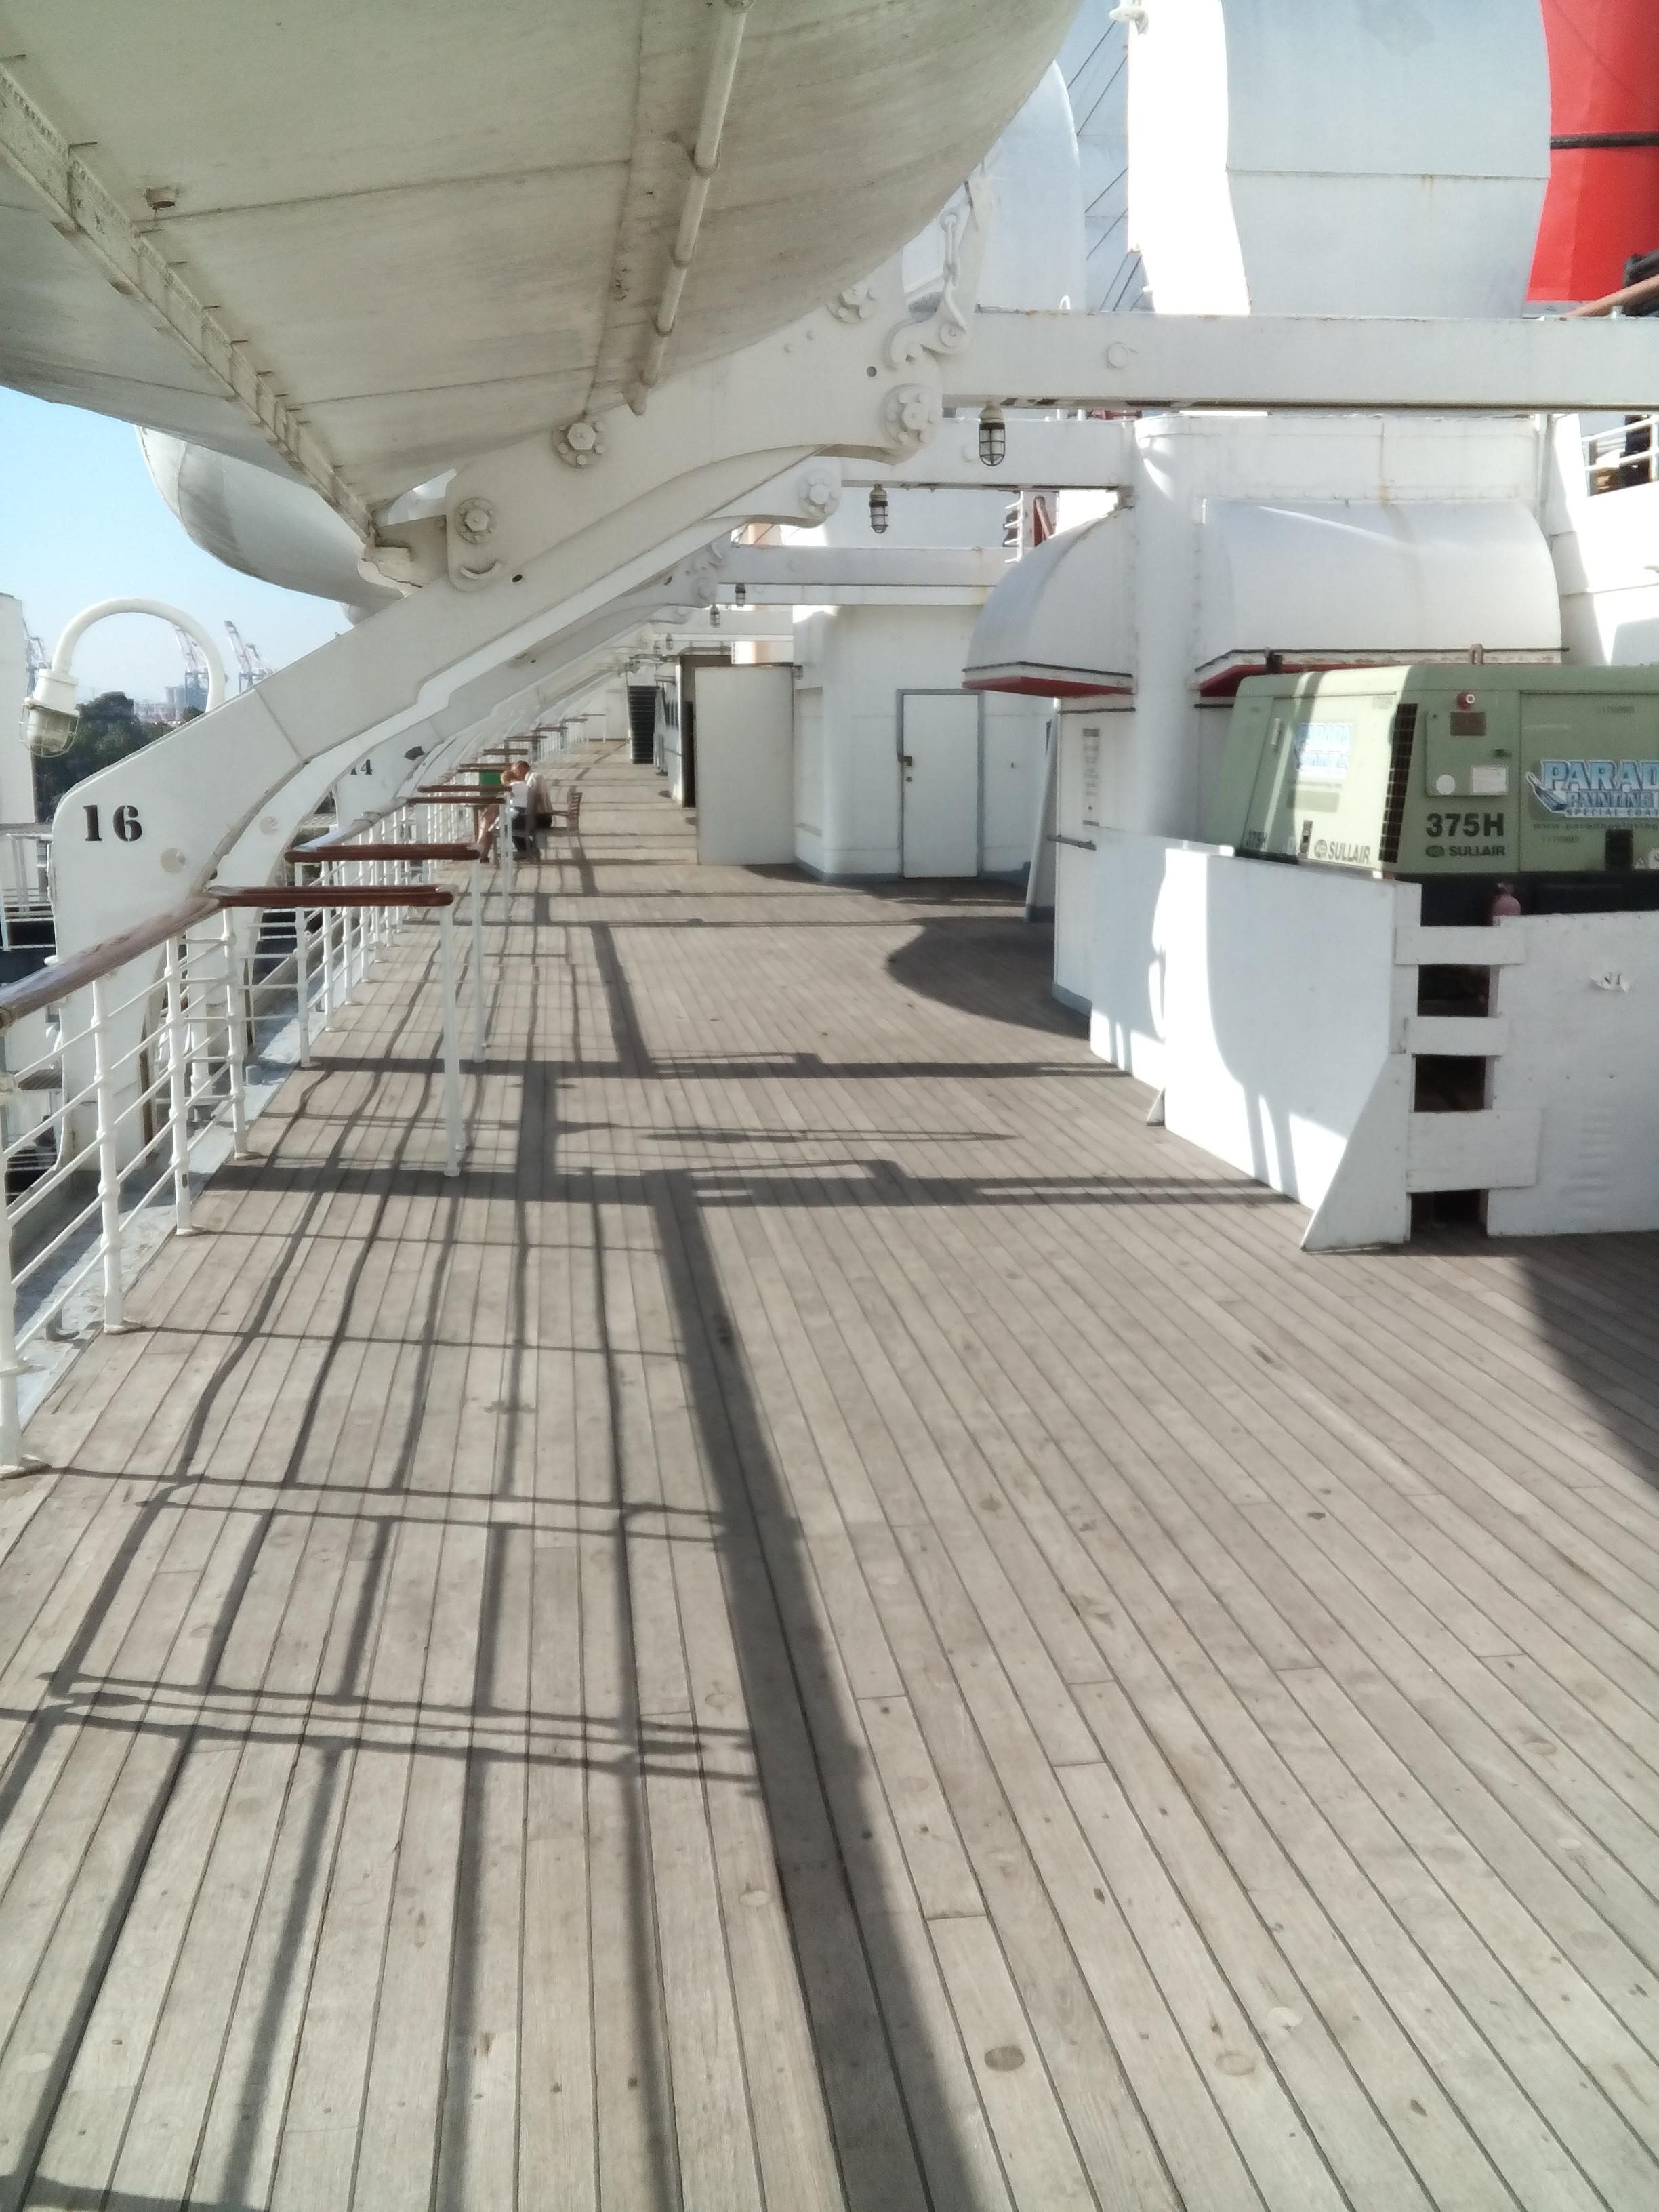 A napozó fedélzet (sun deck).